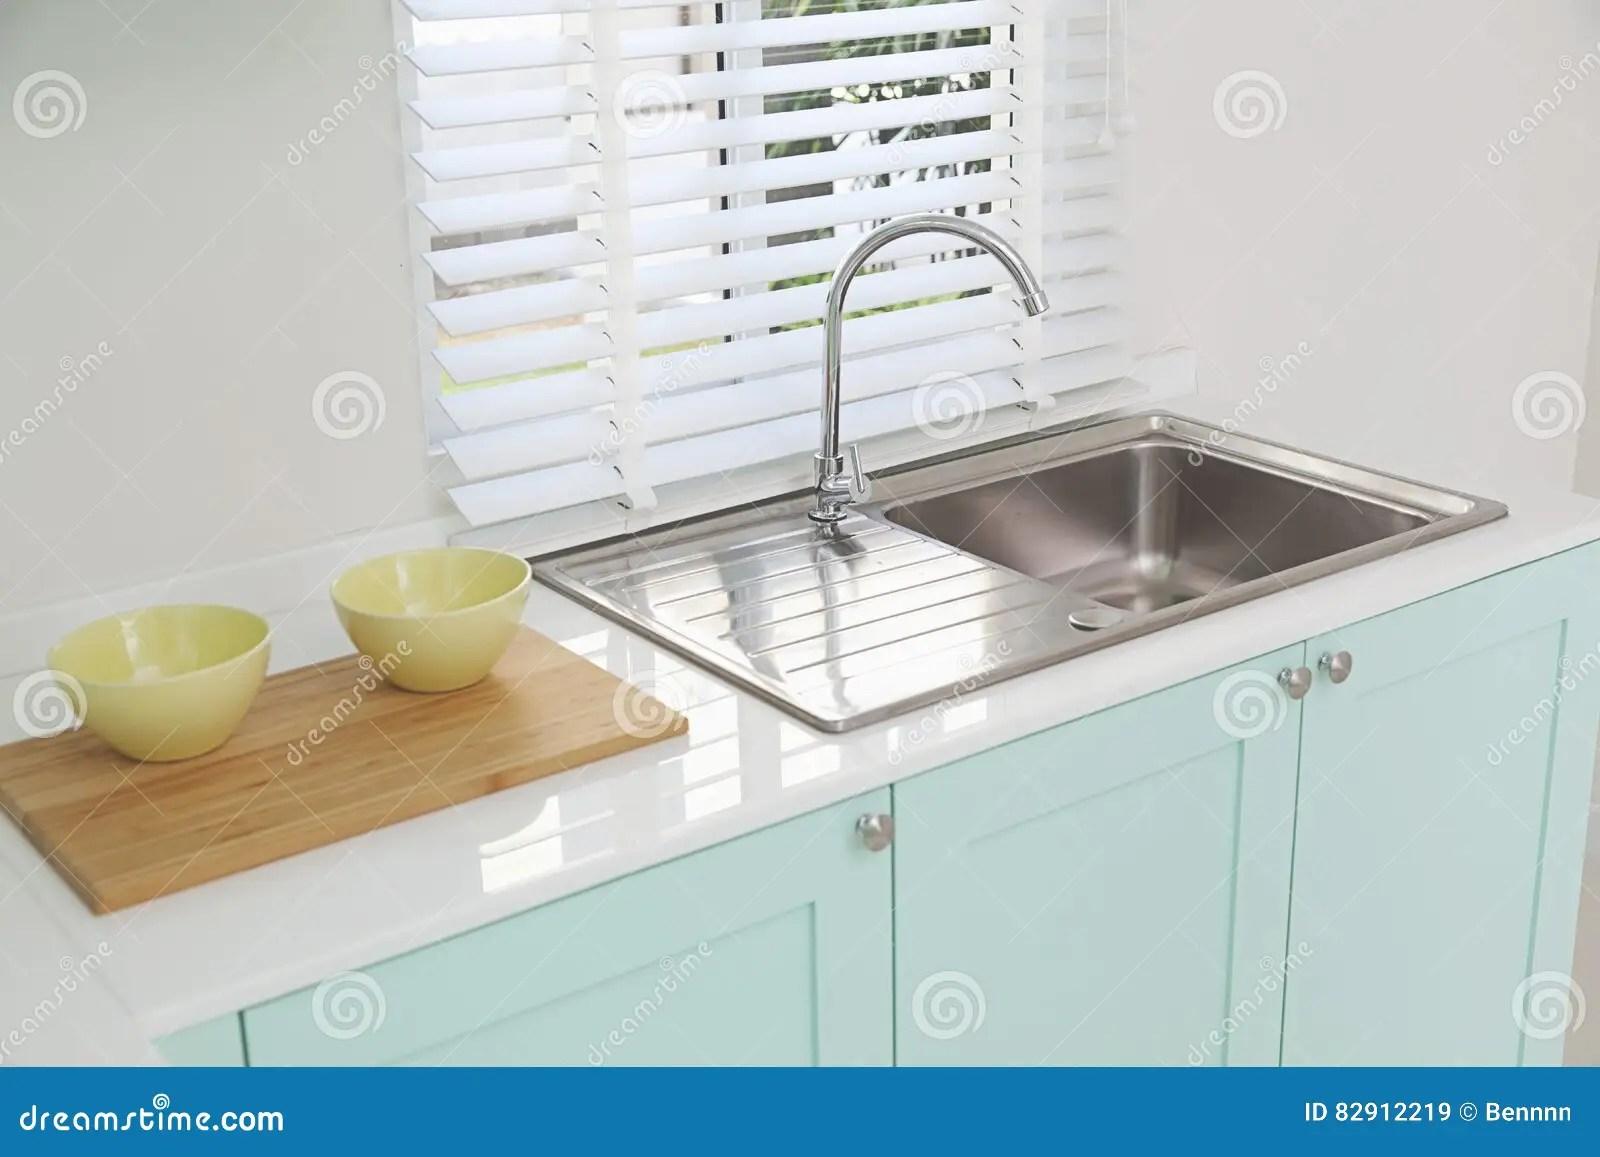 gray kitchen sink planning software 厨房水槽和火炉库存图片 图片包括有投反对票 室内 龙头 大理石 灰色 厨房水槽和火炉